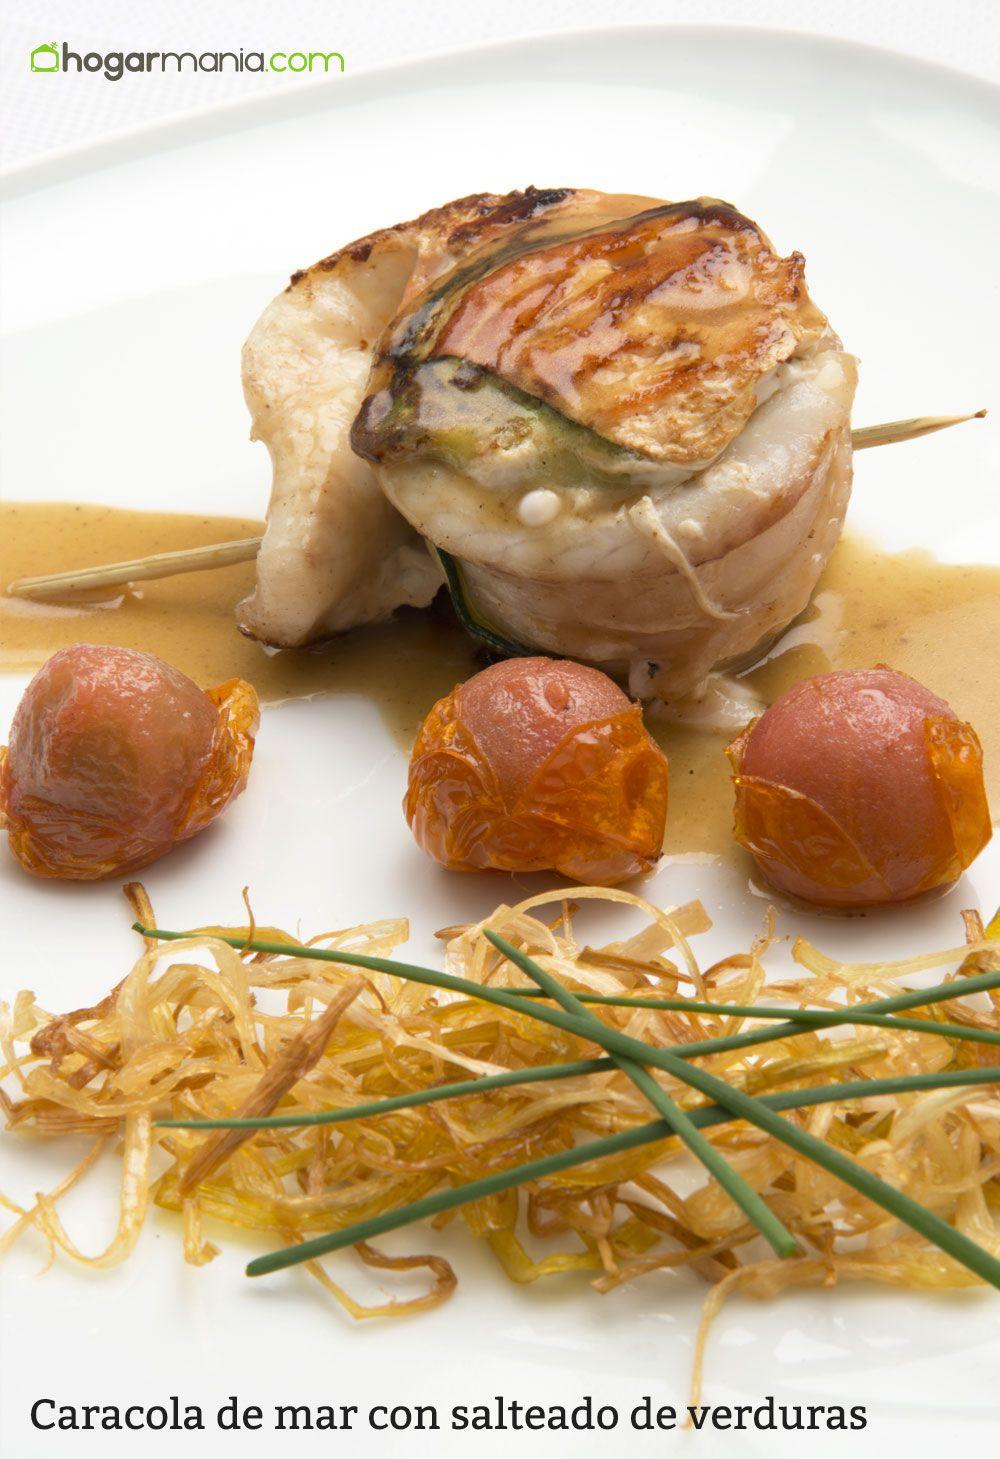 Caracola de mar con salteado de verduras